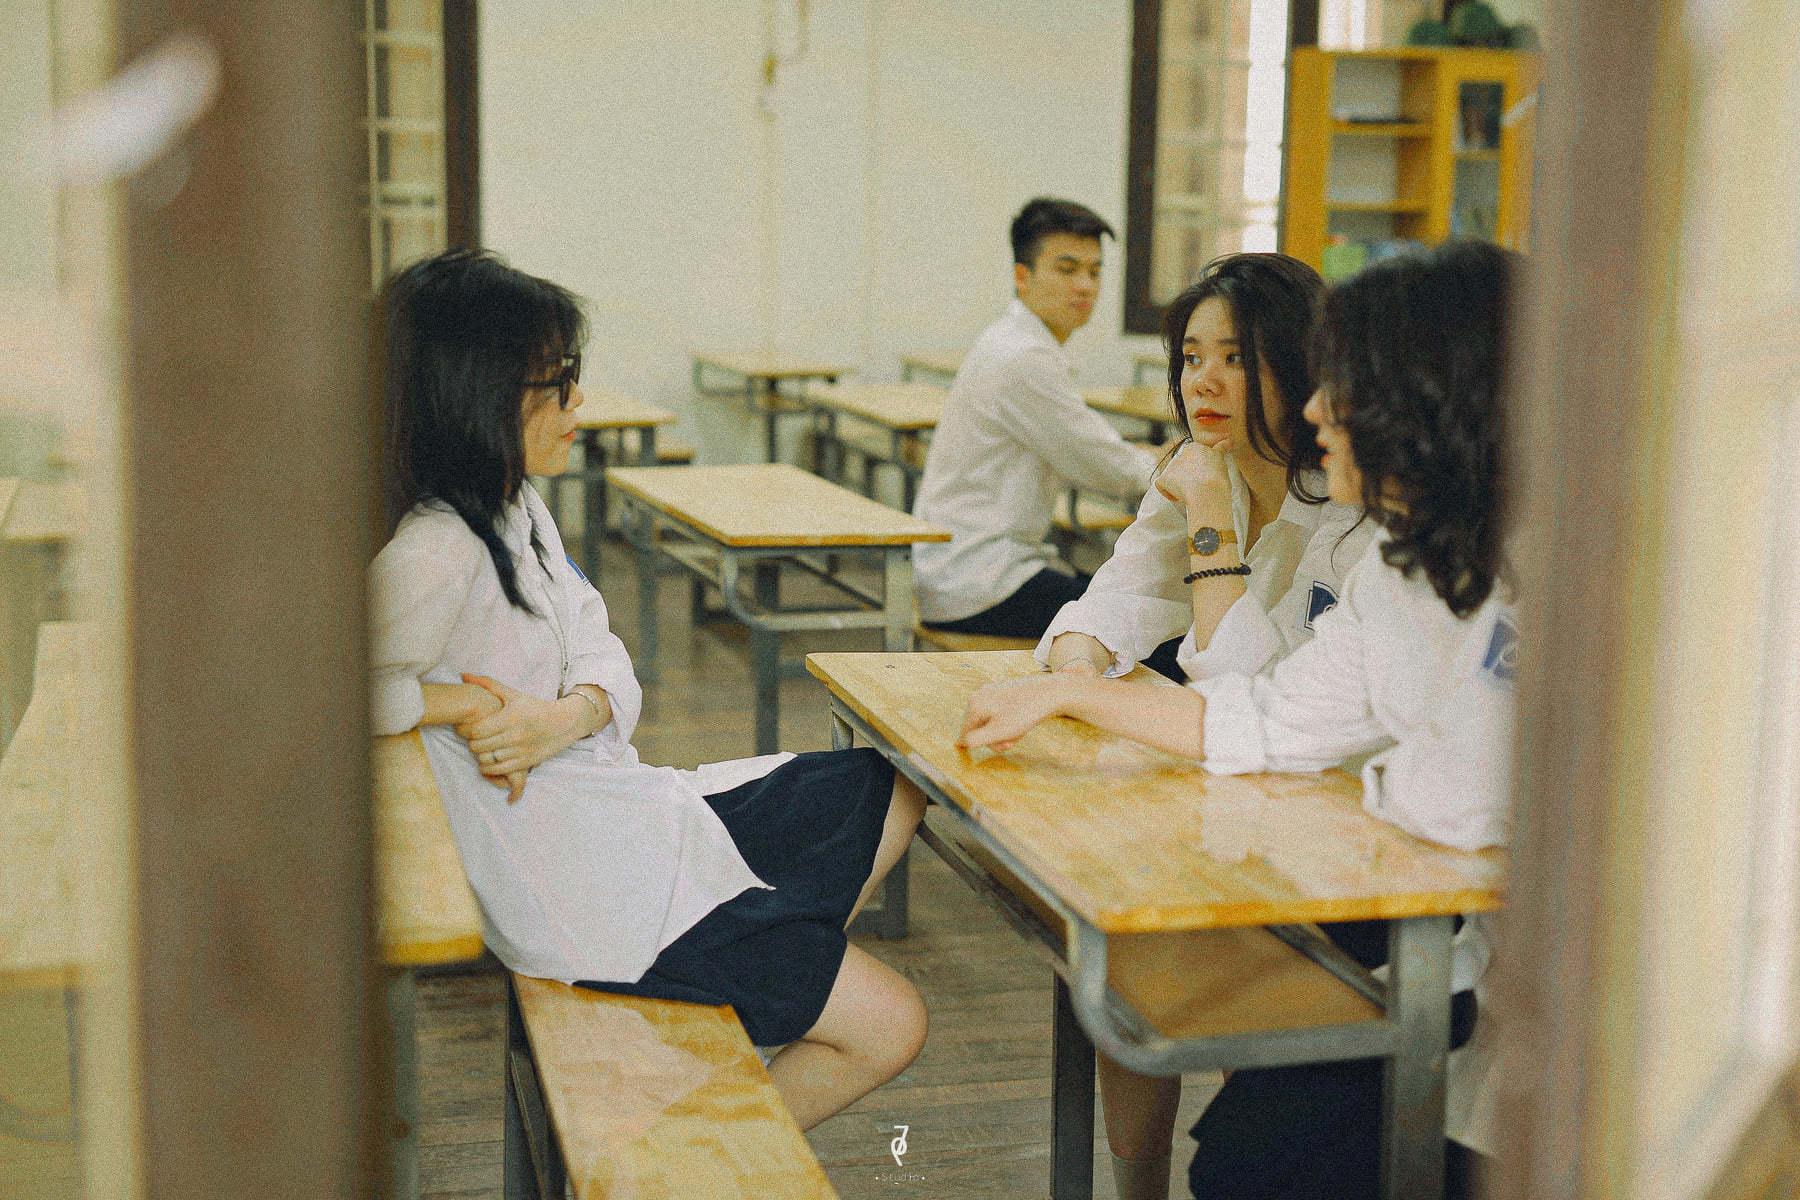 Bộ ảnh 'Tuổi ô mai' 12k lượt like của nhóm bạn thân được dân mạng chia sẻ rầm rộ, thi nhau ôn lại kỷ niệm thuở học trò